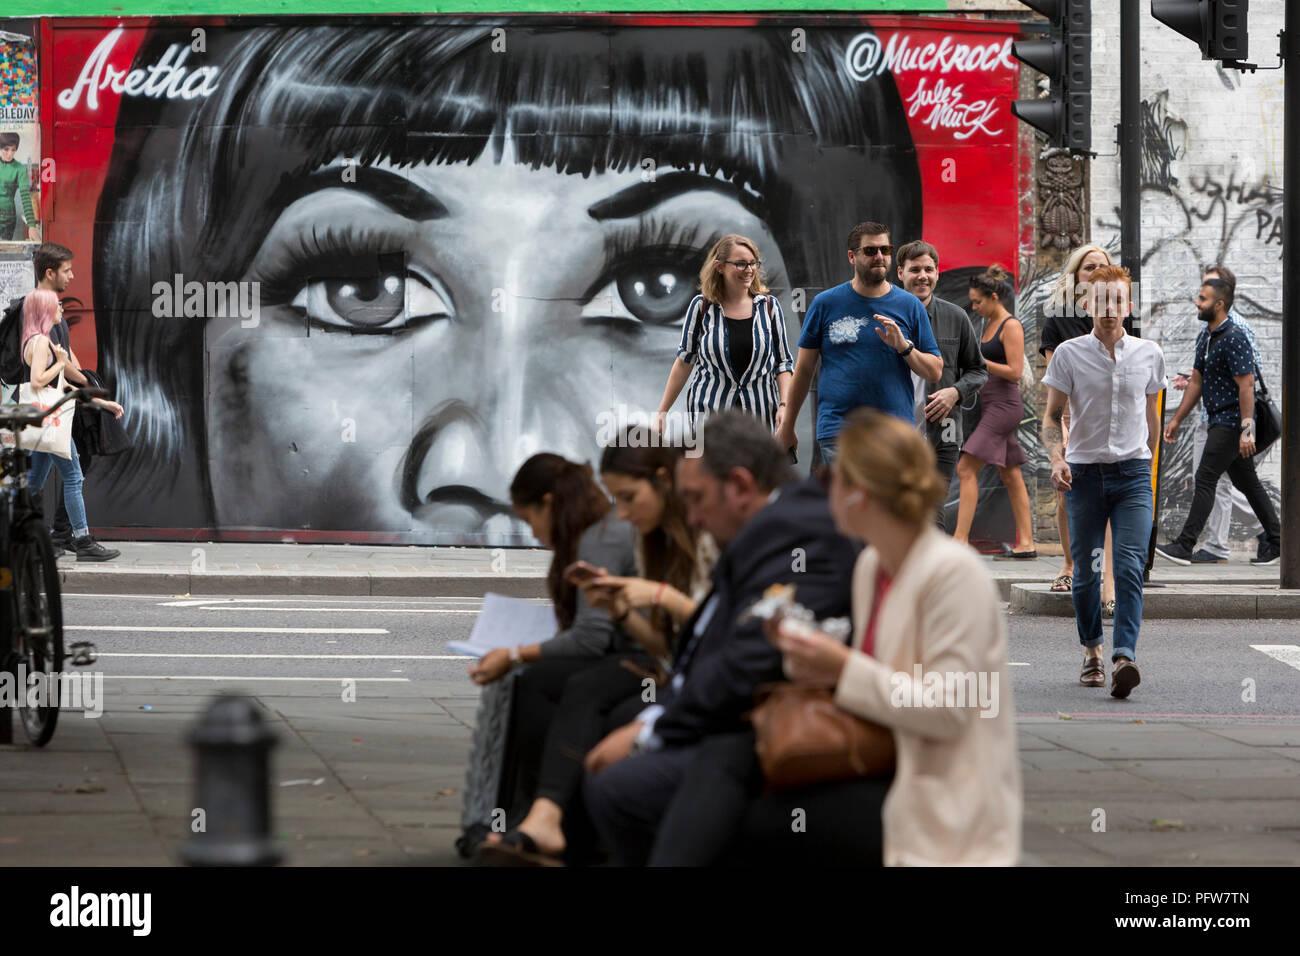 Londoners Spaziergang, vorbei an einem neuen Wandbild in Shoreditch (nach Künstler Jules Muck) der Seele Königin Aretha Franklin, die ein paar Tage zuvor gestorben, am 20. August 2018 in London, England.Stockfoto